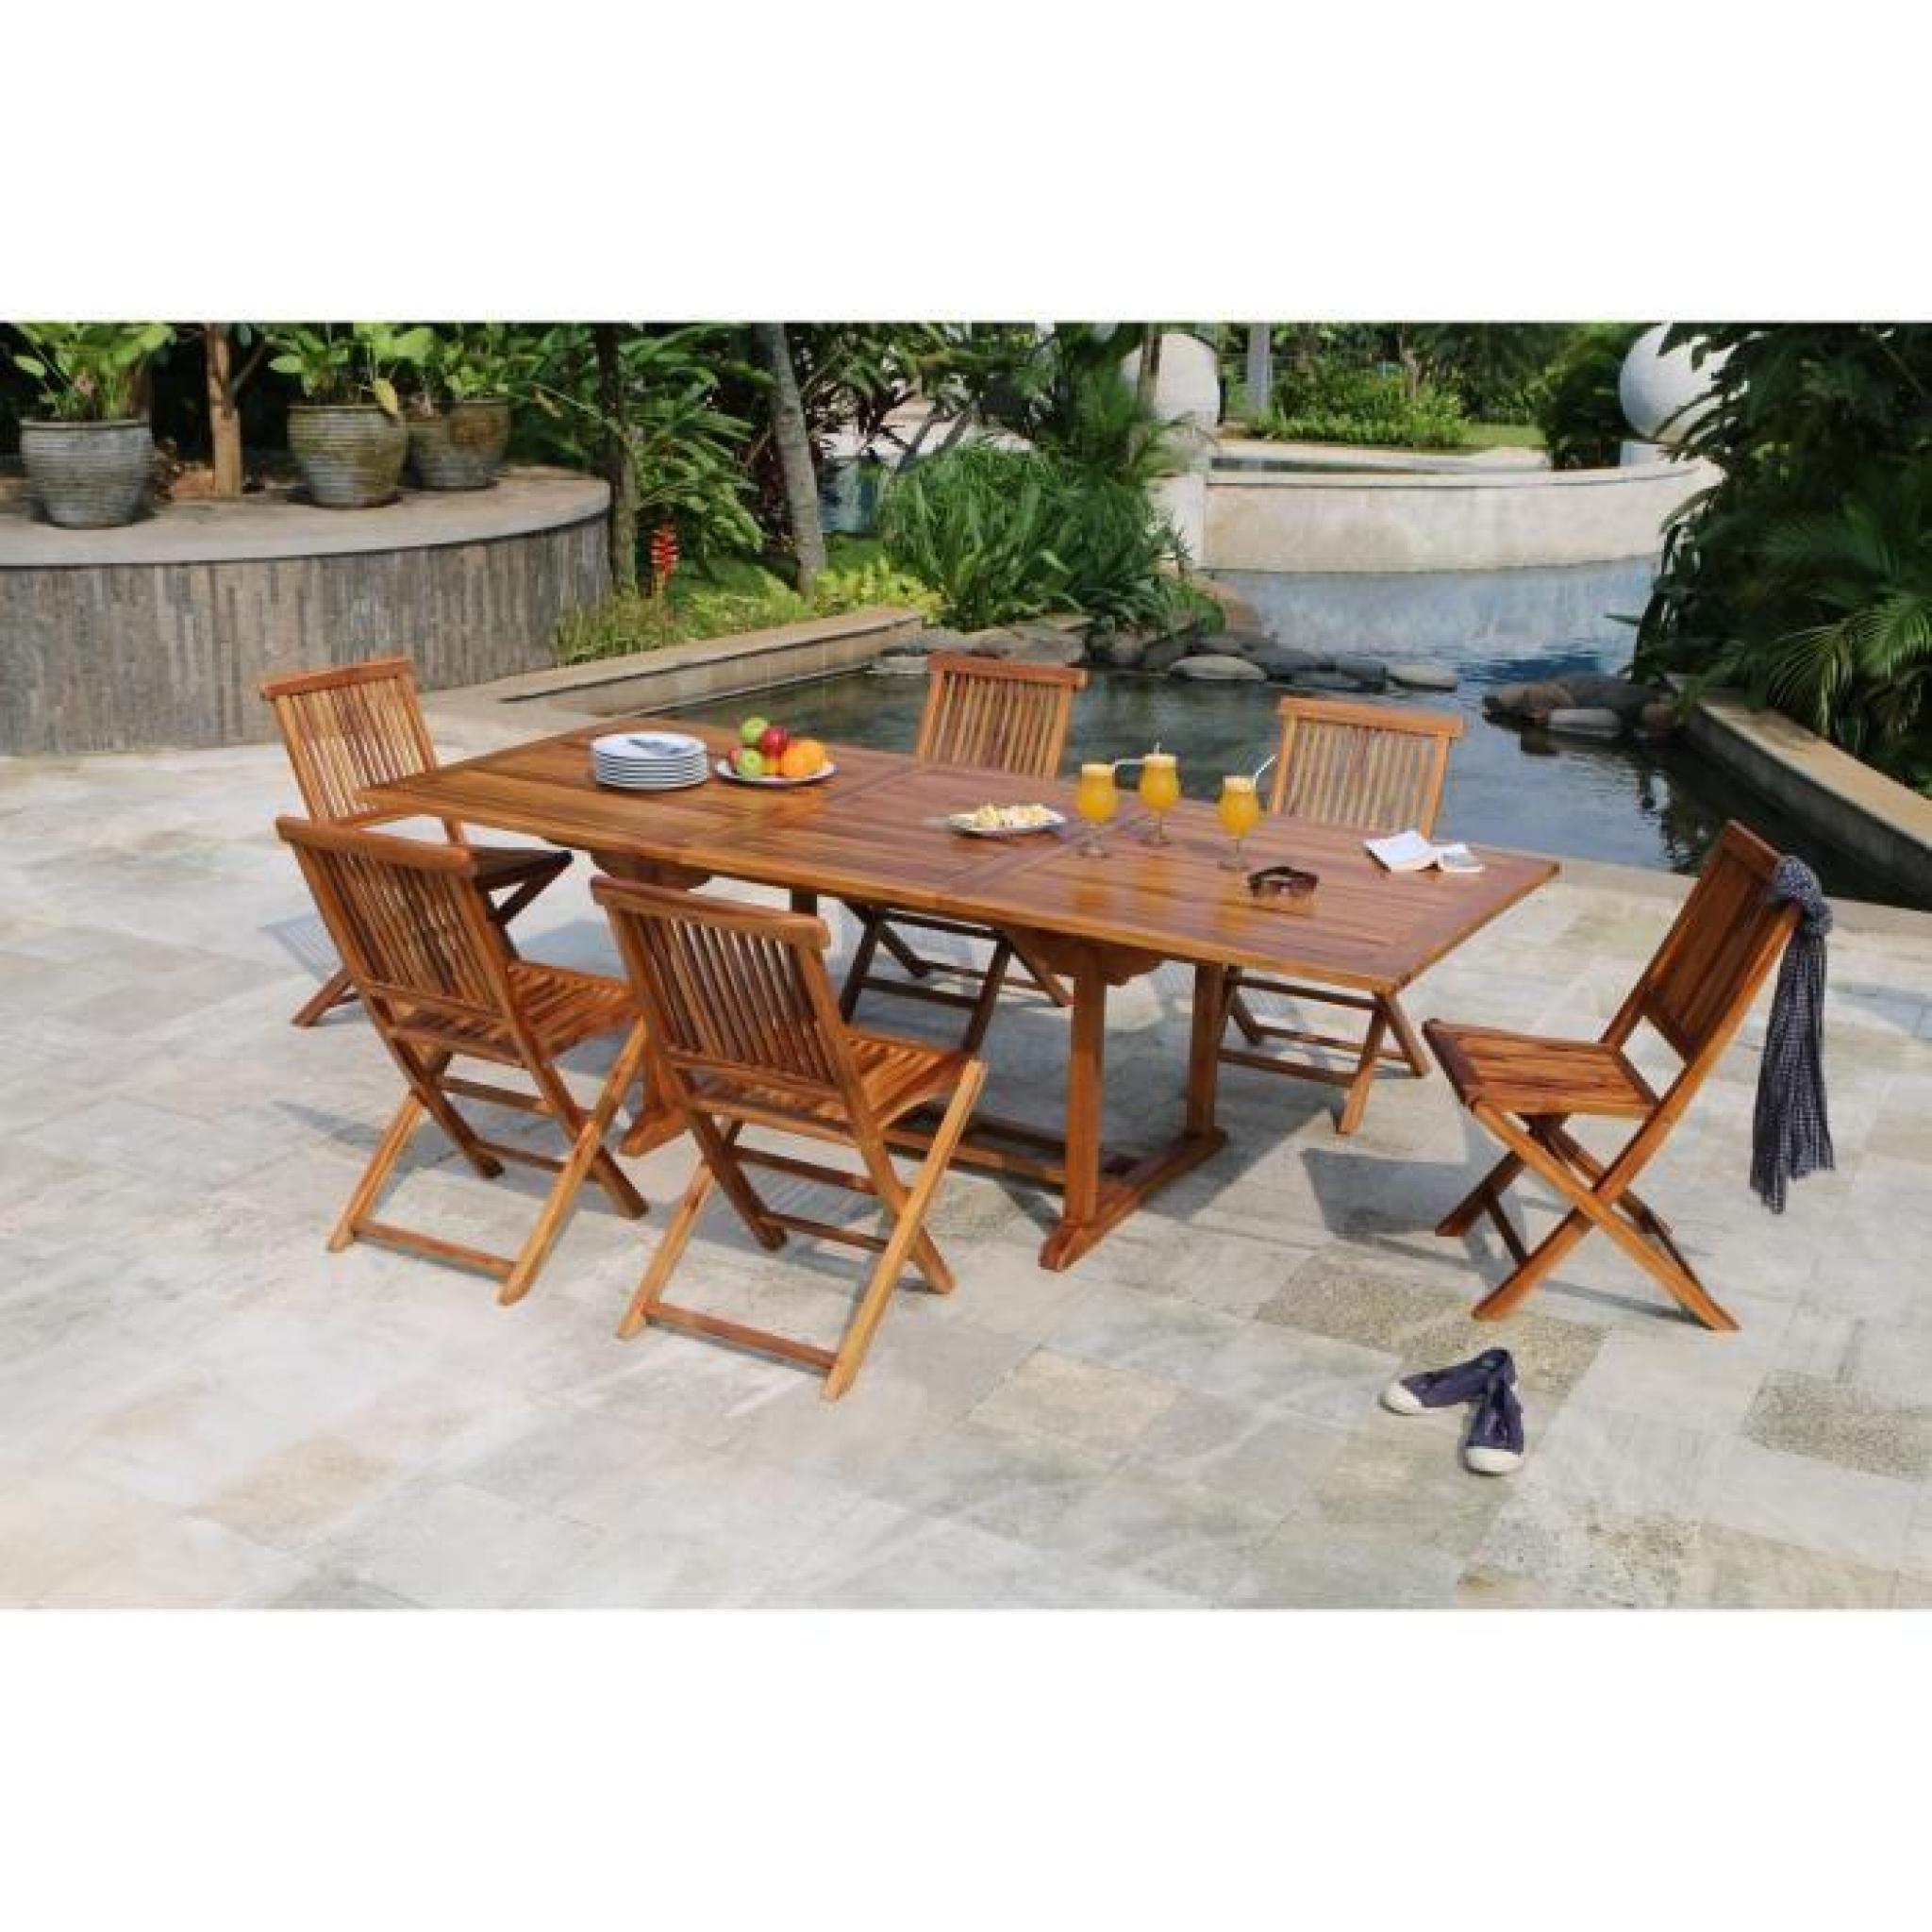 HAVANA Ensemble de jardin en bois teck huilé 10 places - Table ...